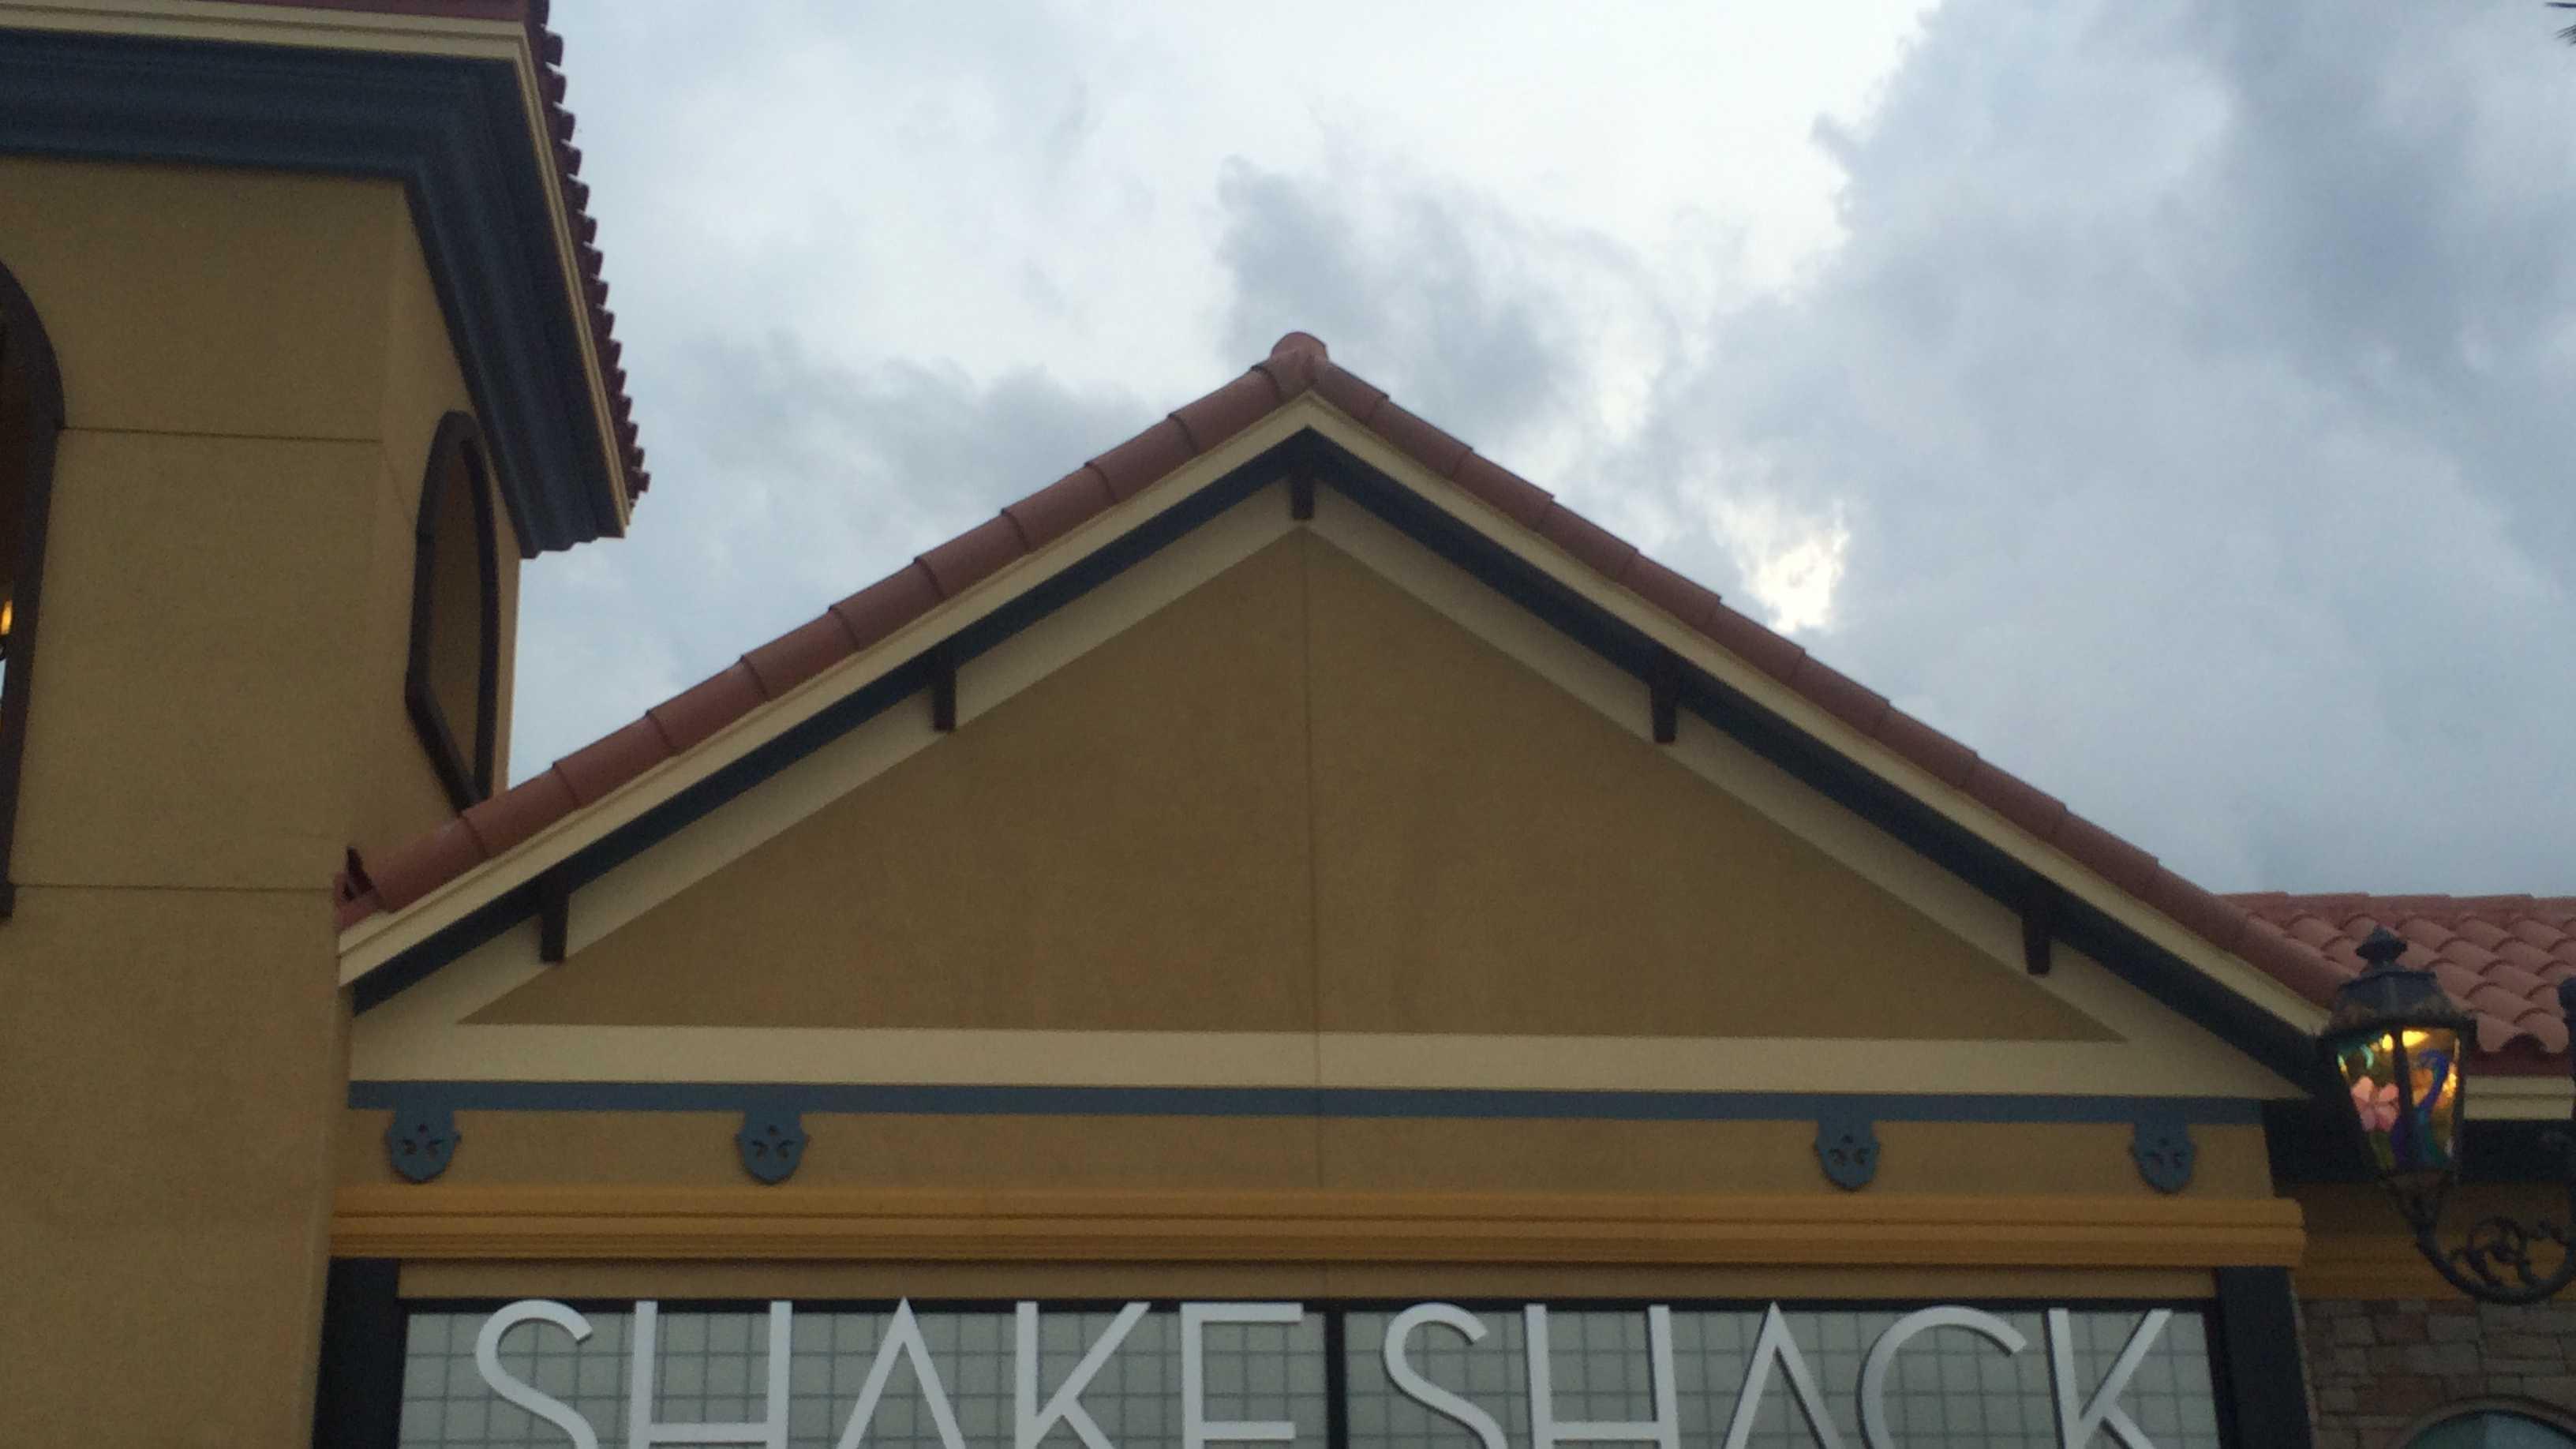 shake shack 3.jpg